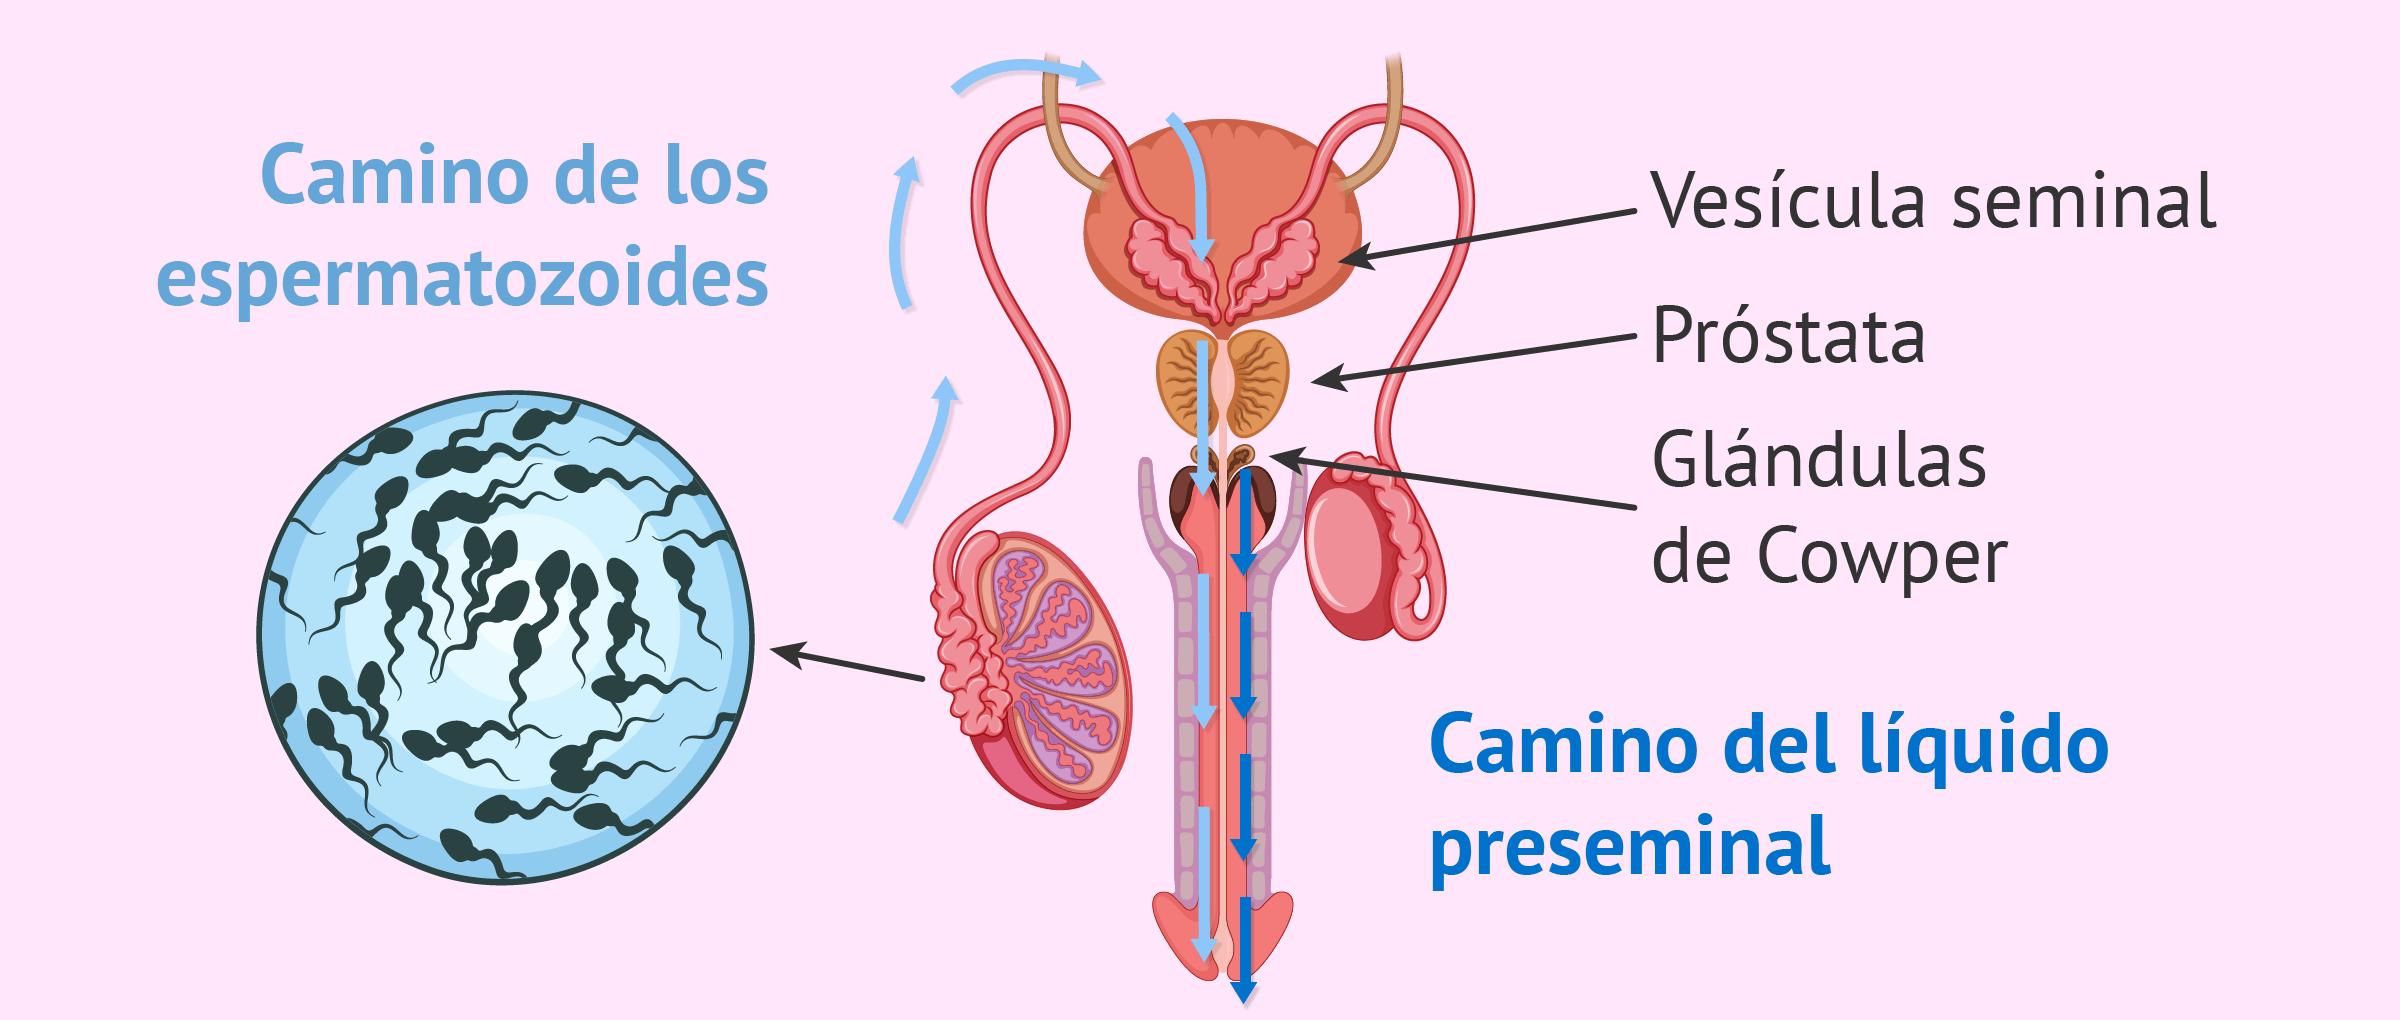 Espermatozoides en líquido preseminal: ¿hay probabilidad de embarazo?